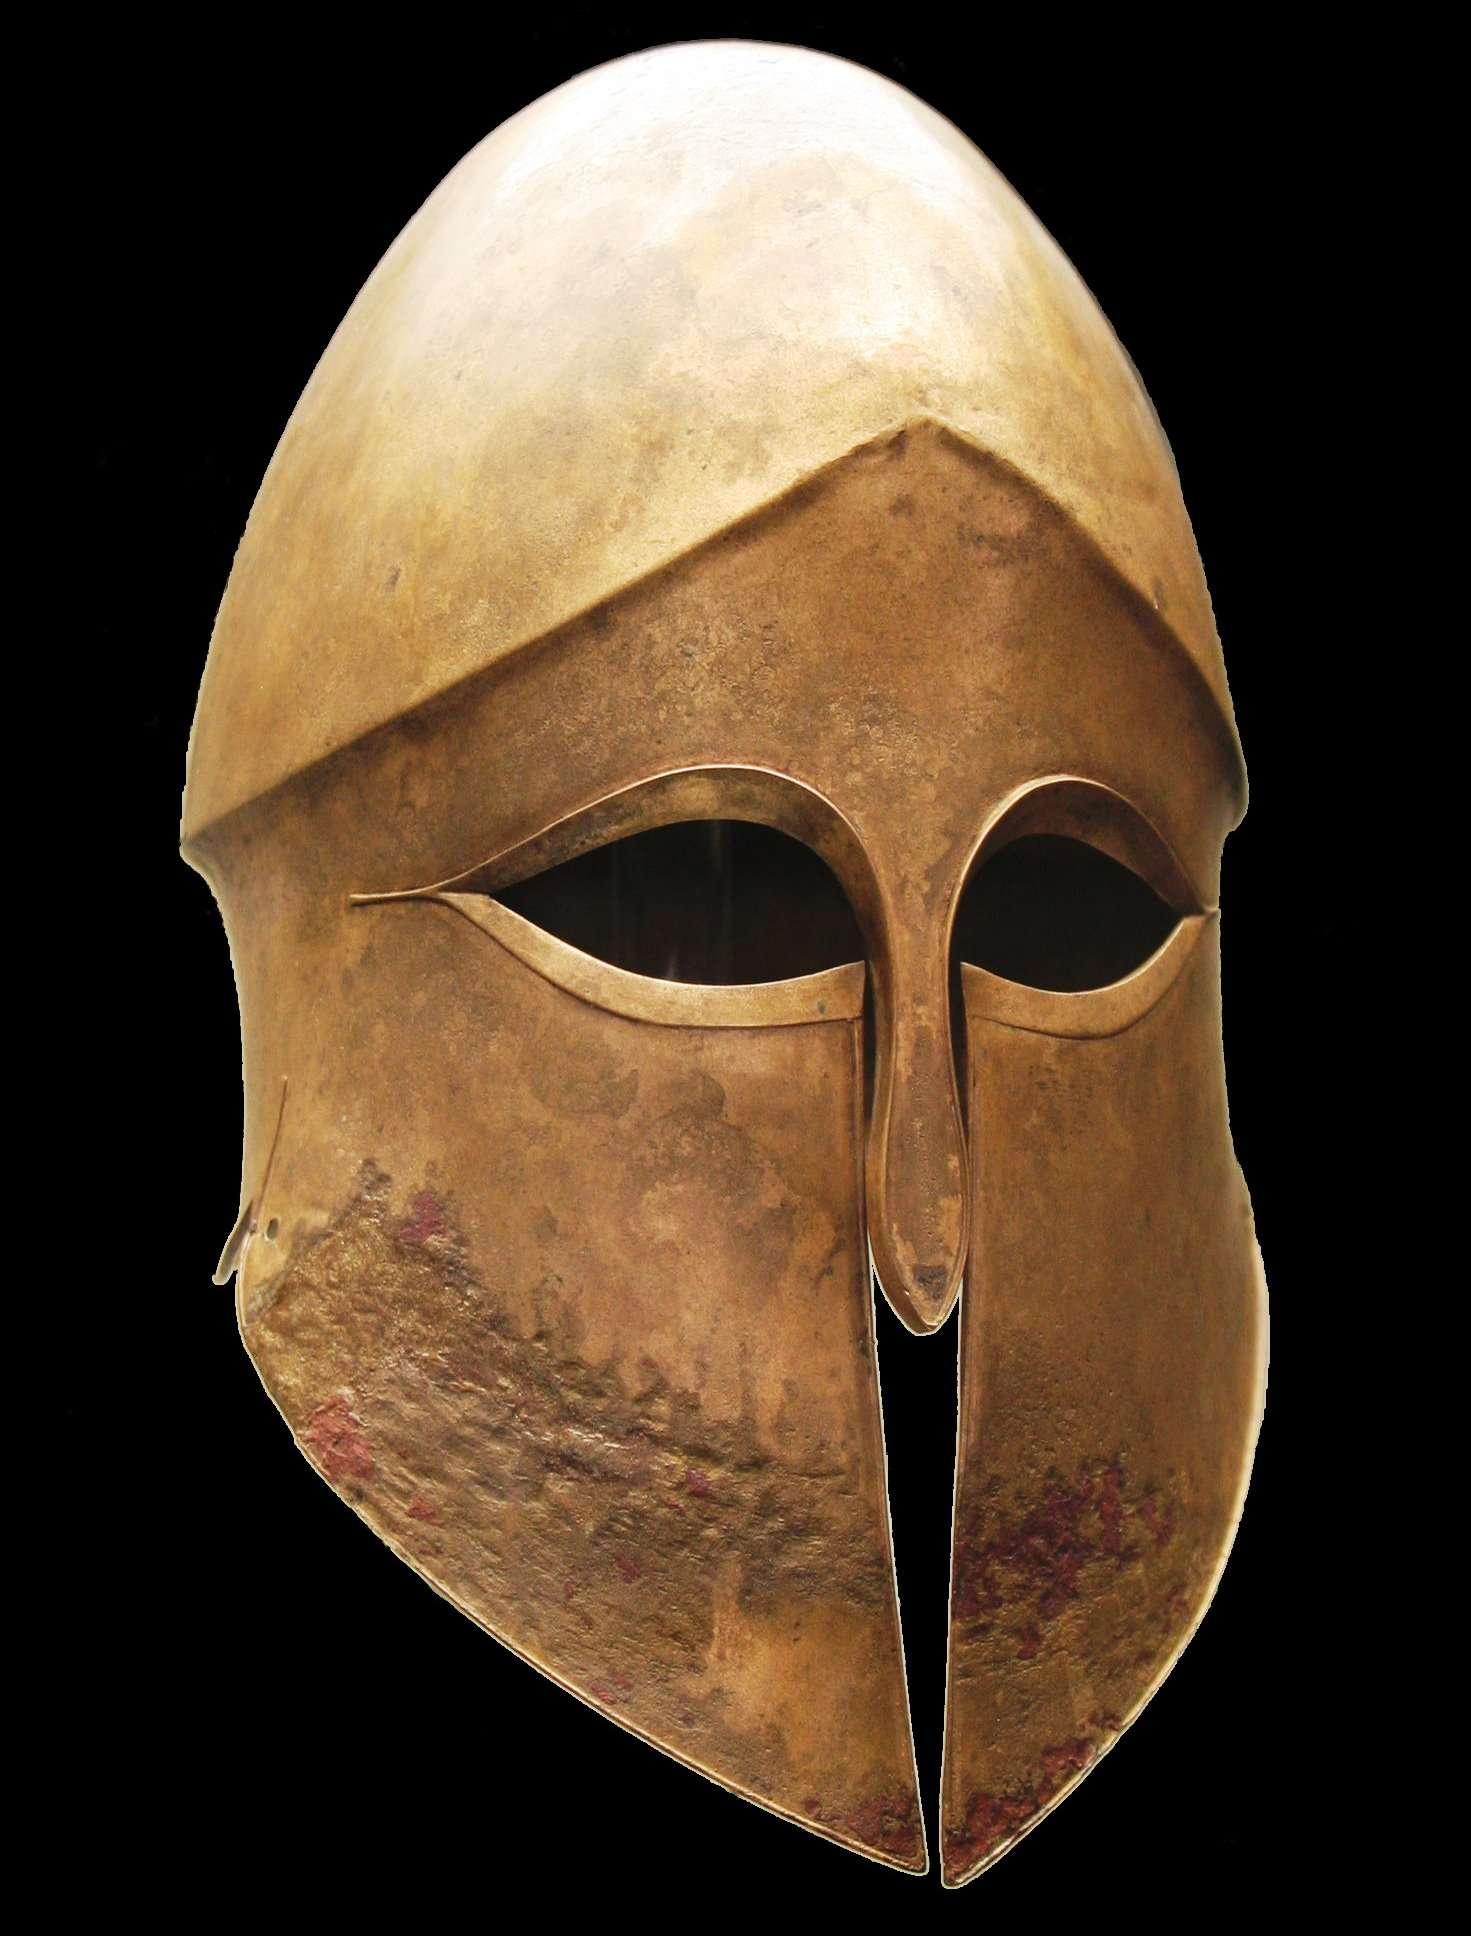 Η παθολογία του πολέμου είναι διάχυτη σε όλο το έργο του Θουκυδίδη. Ο εμφύλιος της Κέρκυρας και η Μήλος είναι πολύ χαρακτηριστικές περιπτώσεις. Γιατί η πολεμική παθολογία δεν αφορά μόνο την περιγραφή των αποκτηνωτικών σκηνών, αλλά (πρωτίστως) και τη γενεσιουργό πρώτη ύλη που την επιβάλλει.